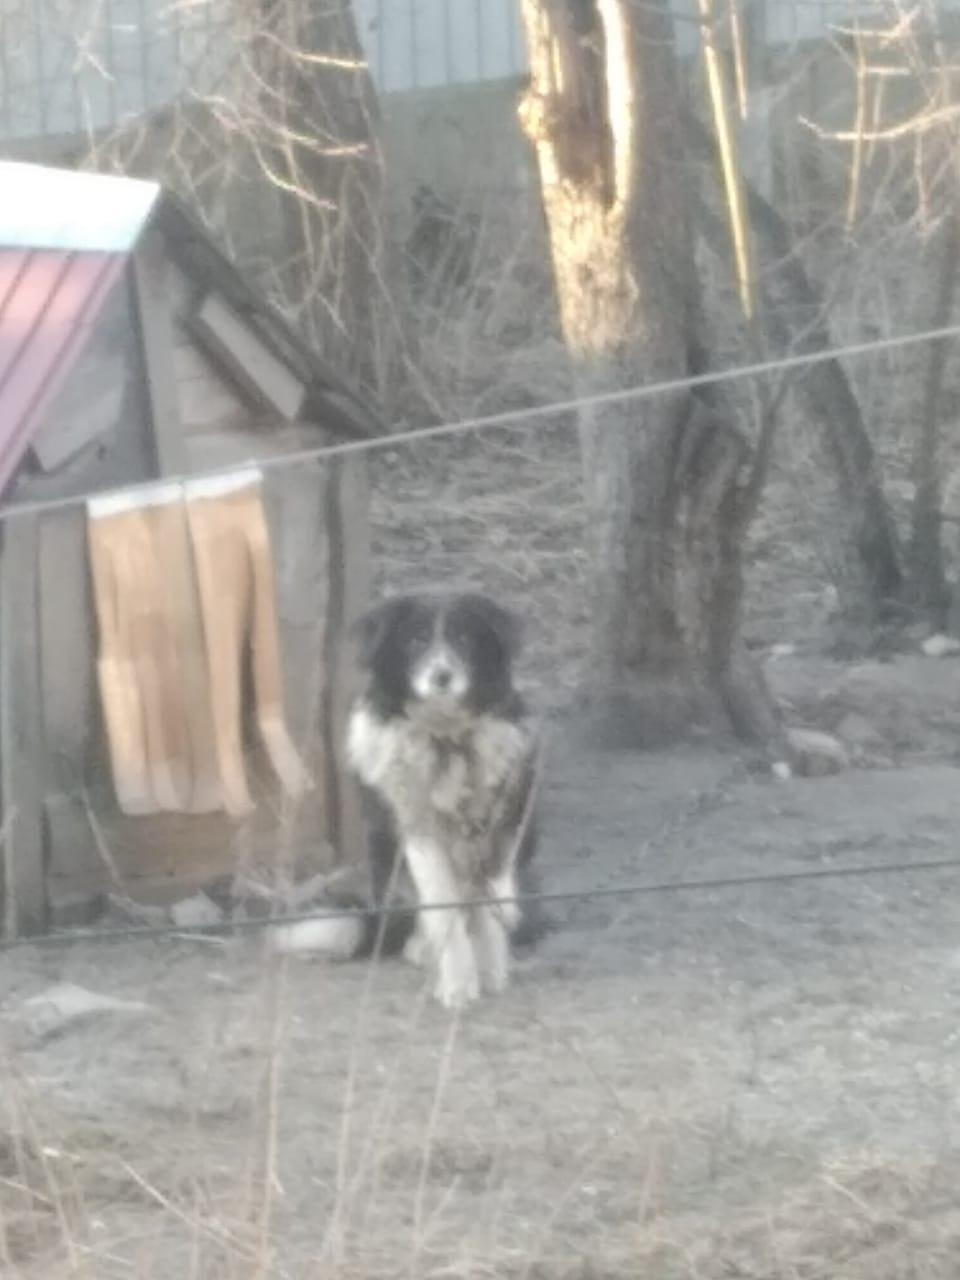 Помогите пожалуйста пристроить собаку в частный дом, дворняжка 11 лет, может кто возьмёт?